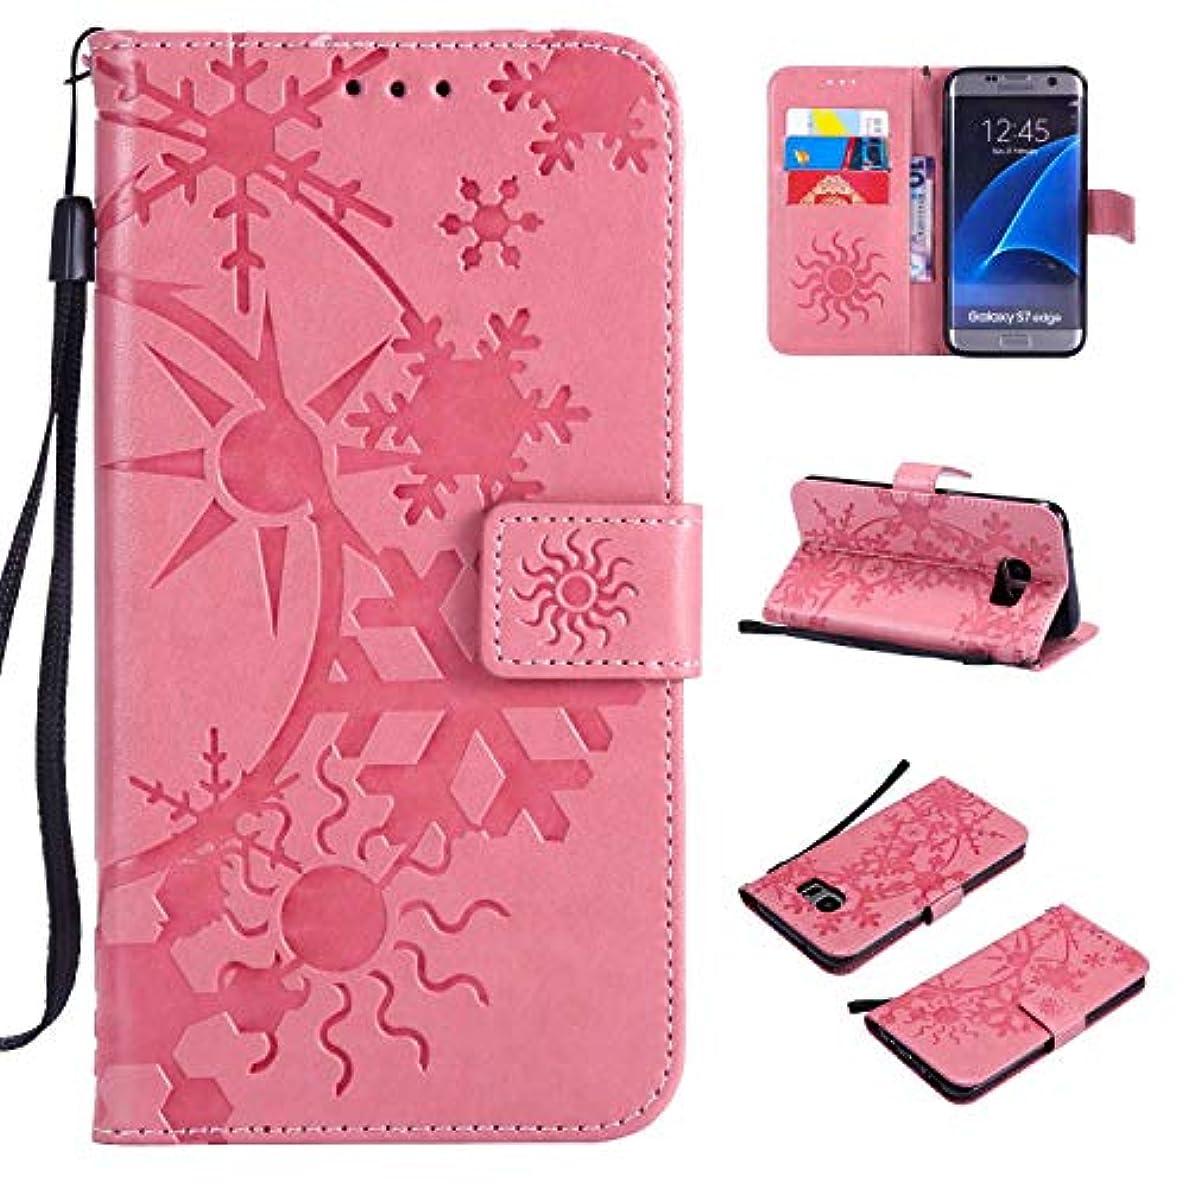 カップ地中海決めますGalaxy S7 Edge ケース CUSKING 手帳型 ケース ストラップ付き かわいい 財布 カバー カードポケット付き Samsung ギャラクシー S7 Edge マジックアレイ ケース - ピンク